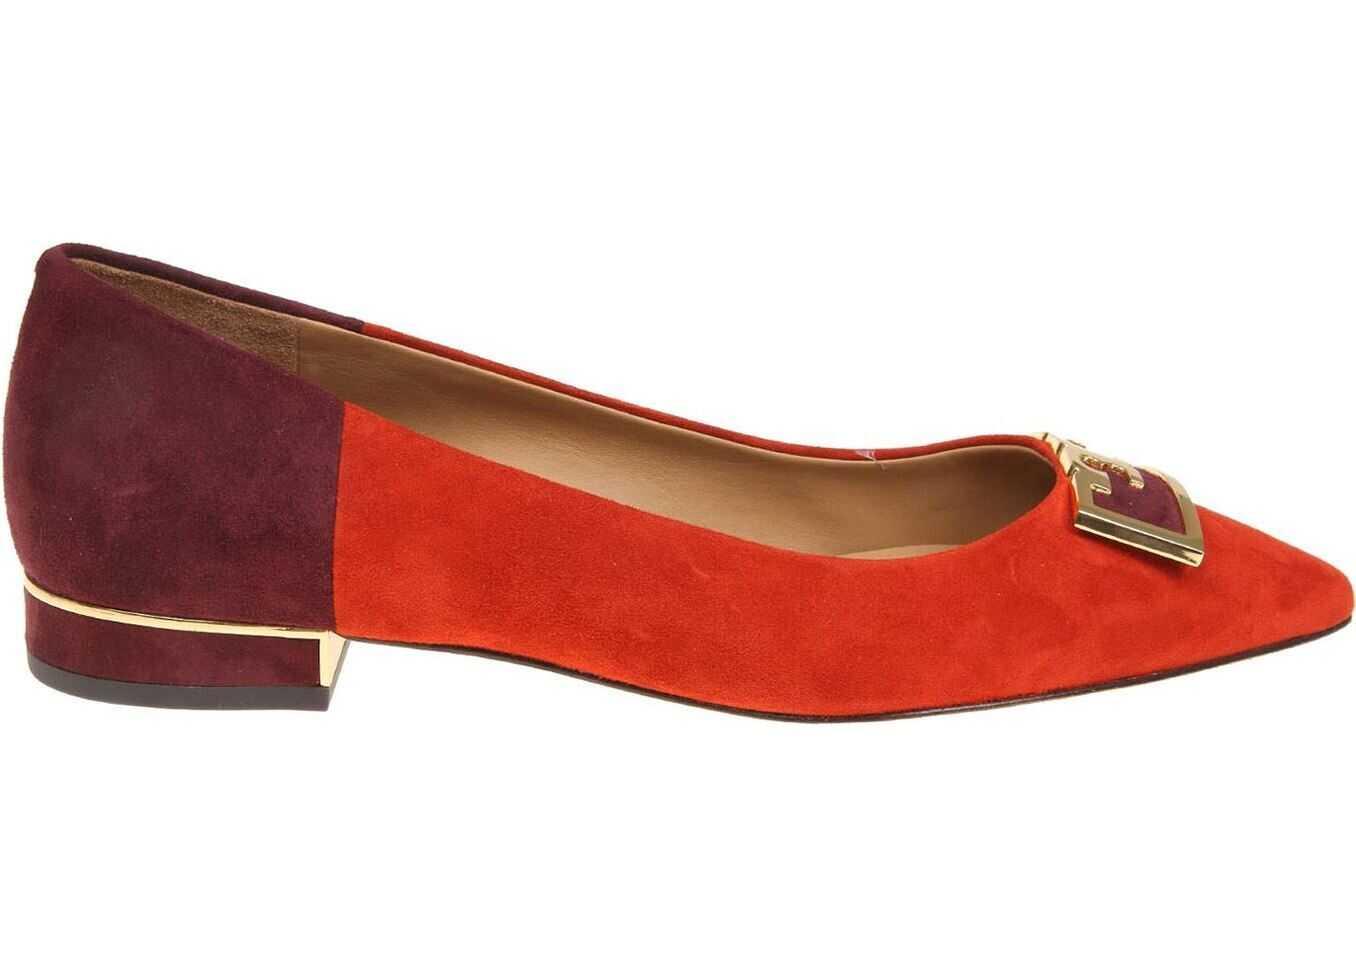 Tory Burch Gigi Suede Ballerinas Red